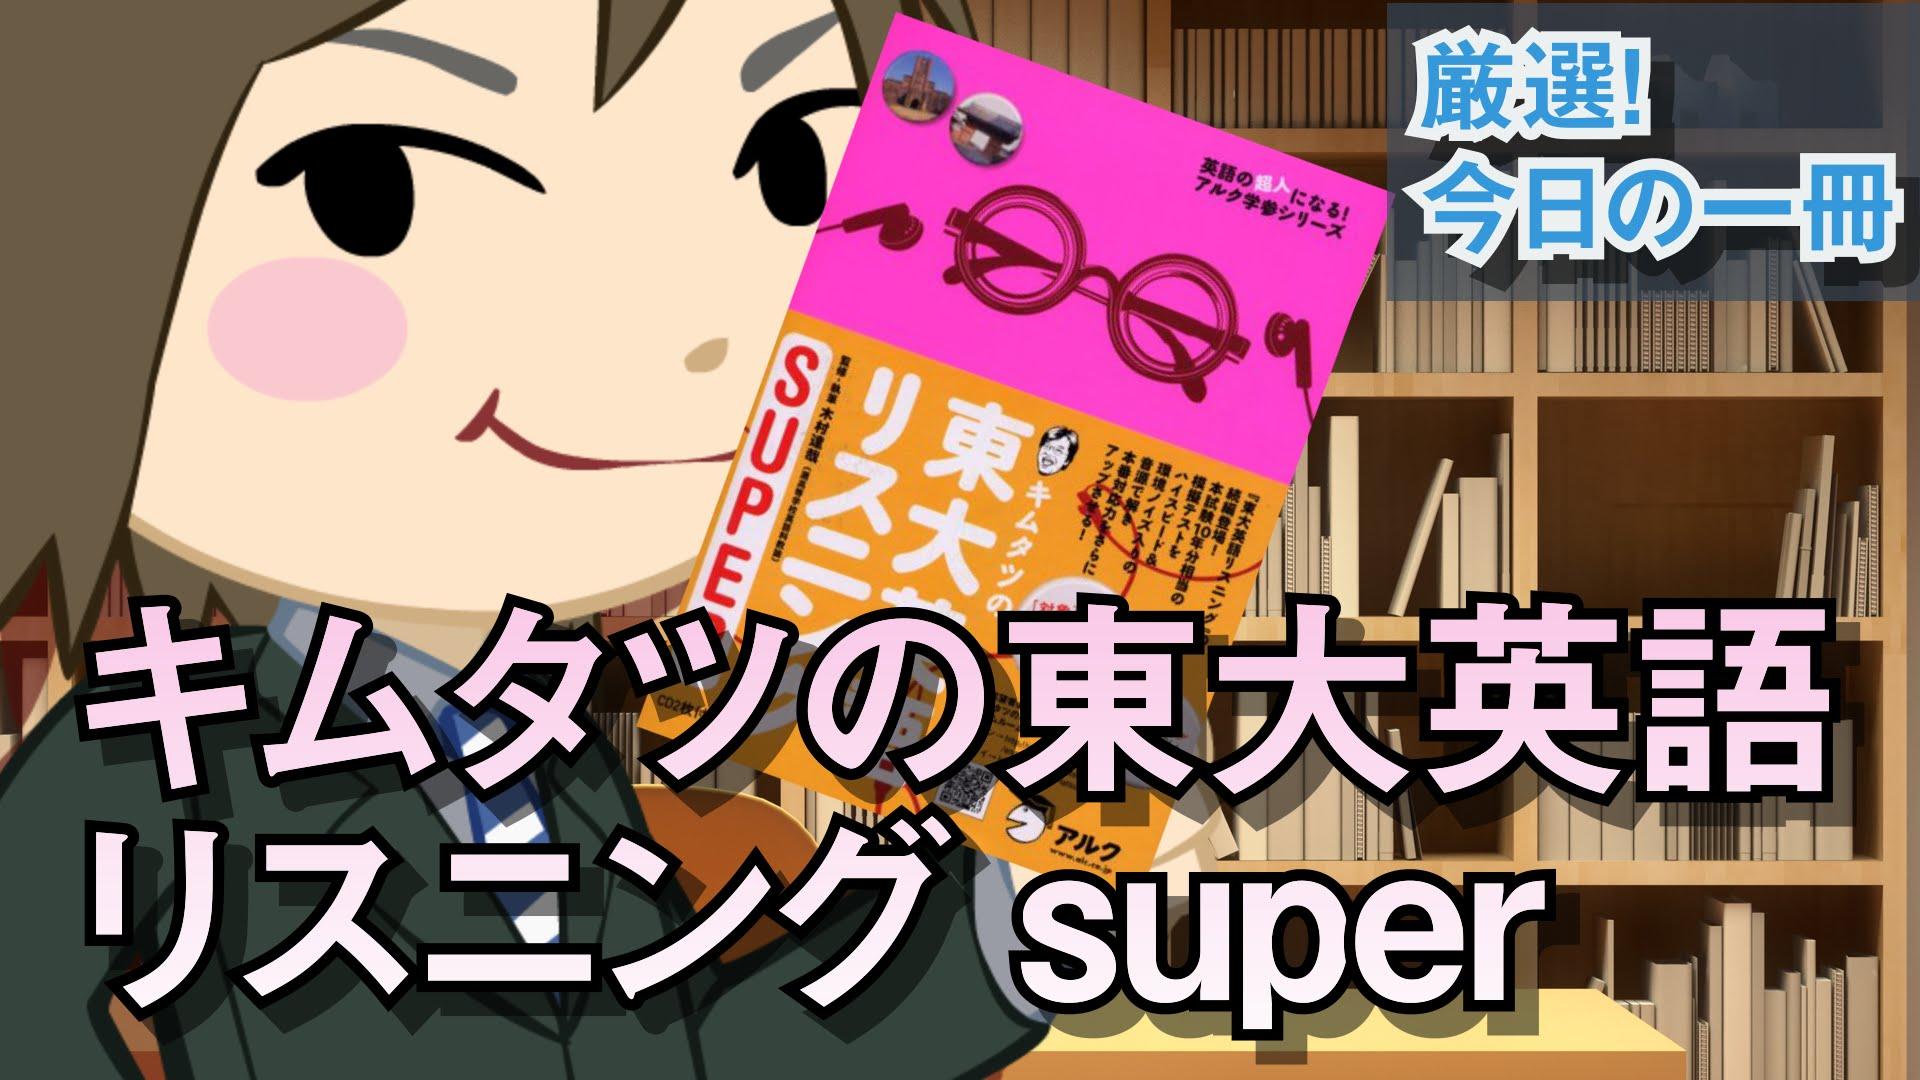 灘高キムタツの東大英語リスニング SUPER|武田塾厳選!今日の一冊